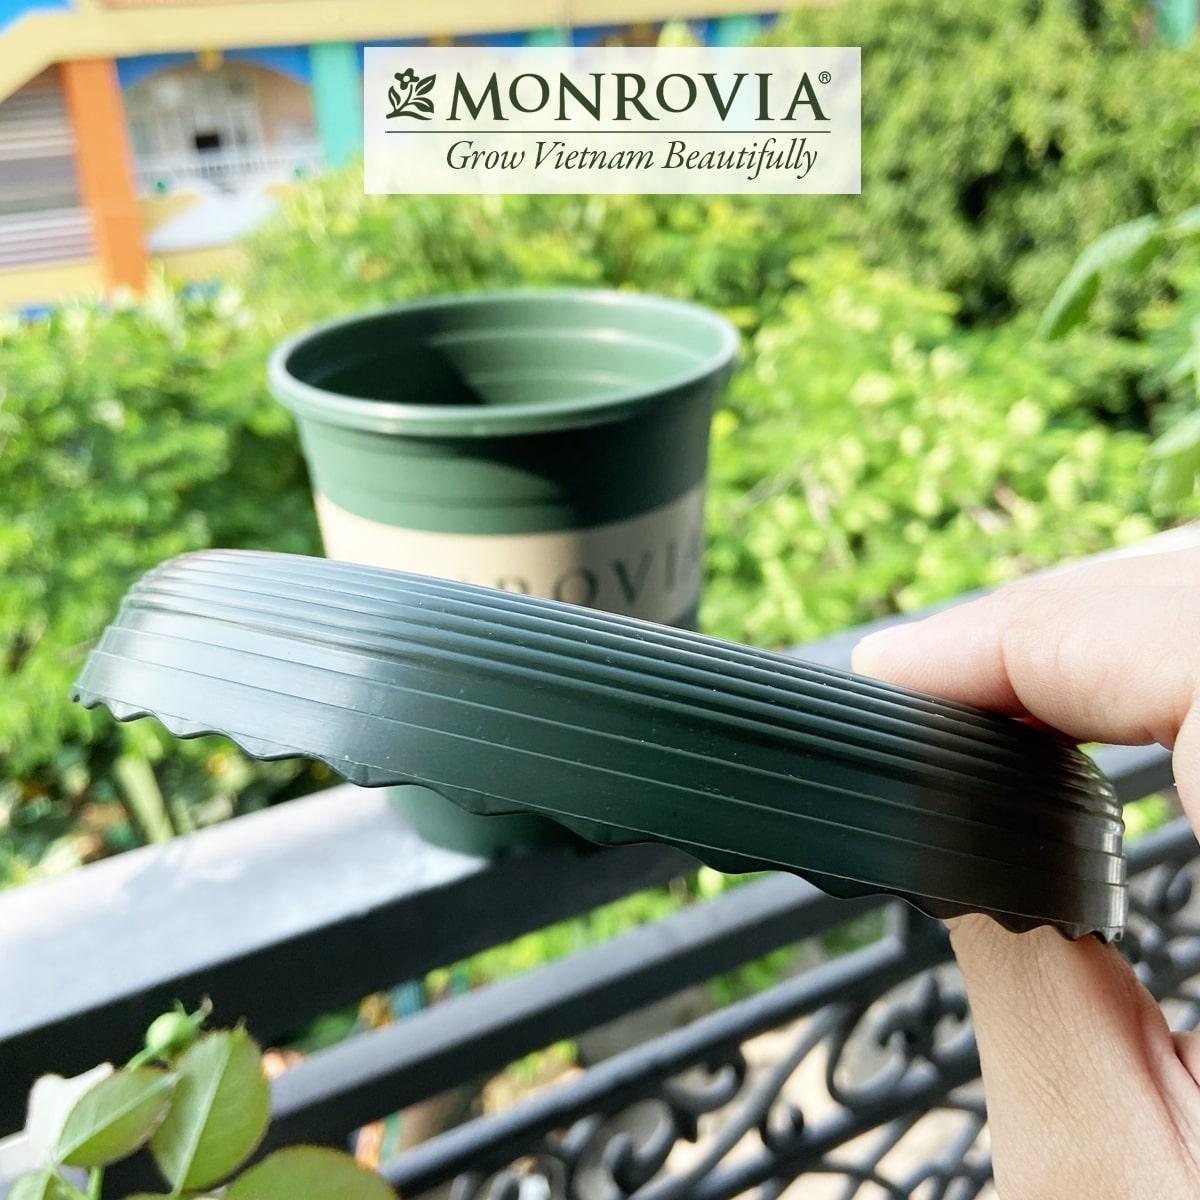 Đĩa lót chậu Monrovia 1 Gallon